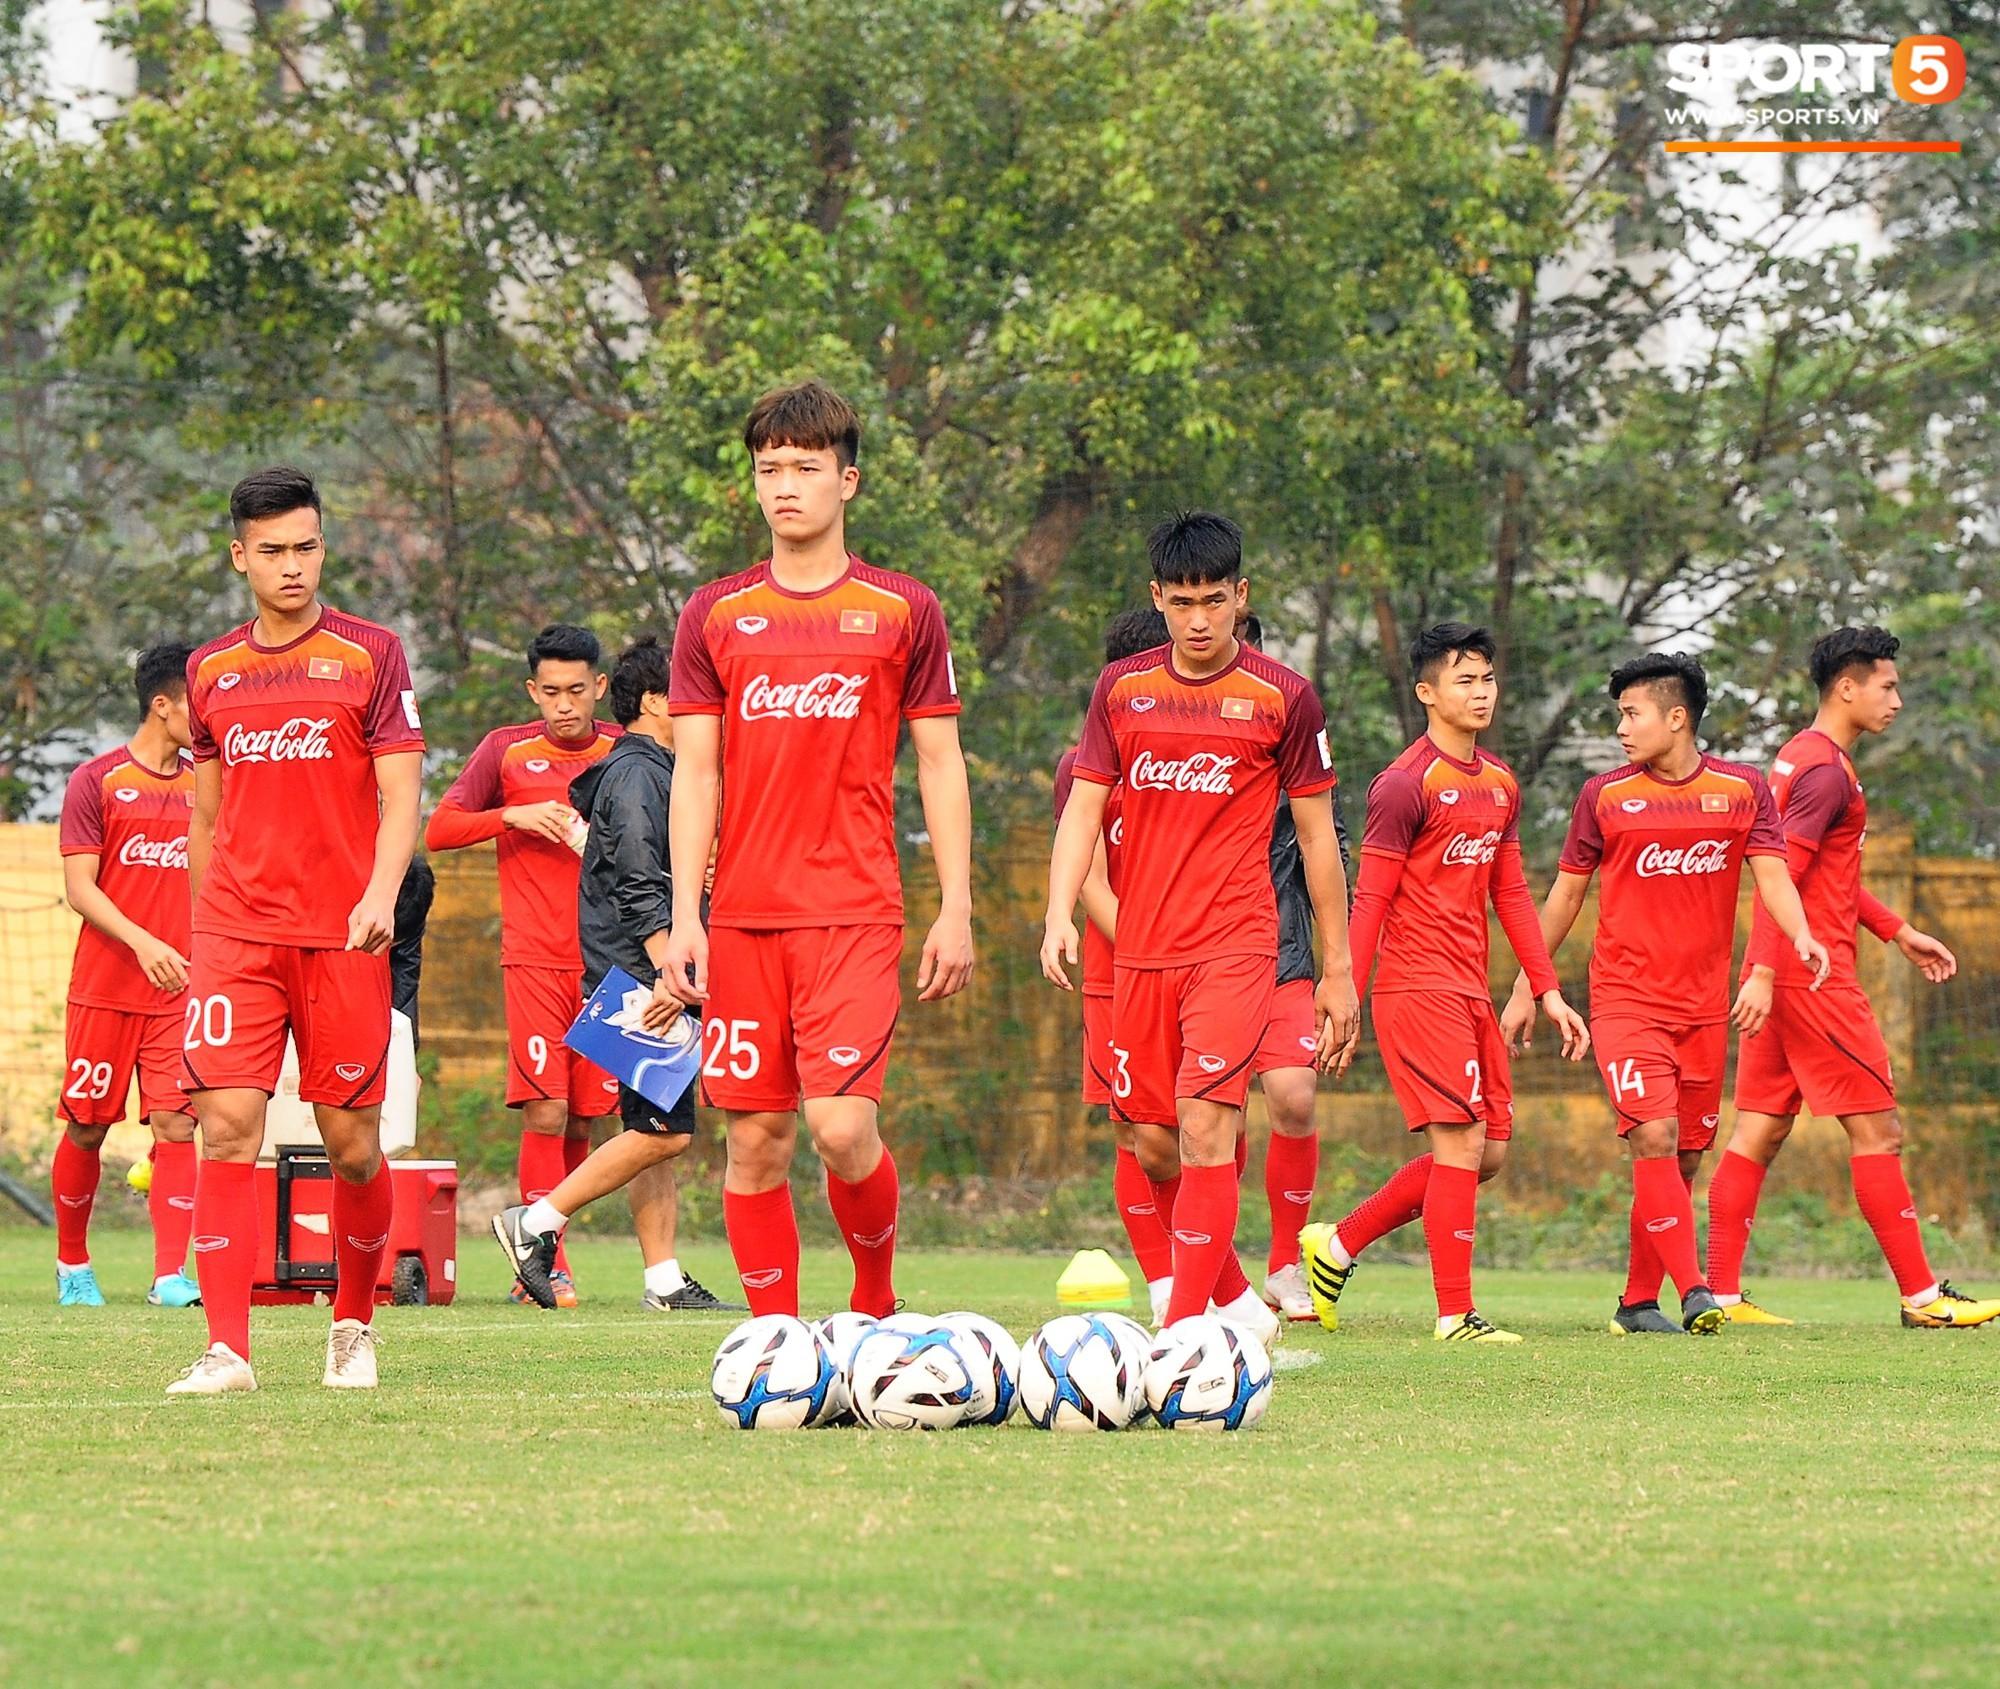 Bằng chứng cho thấy Đình Trọng chẳng làm gì cũng auto chiếm spotlight của các thầy tuyển U23 Việt Nam